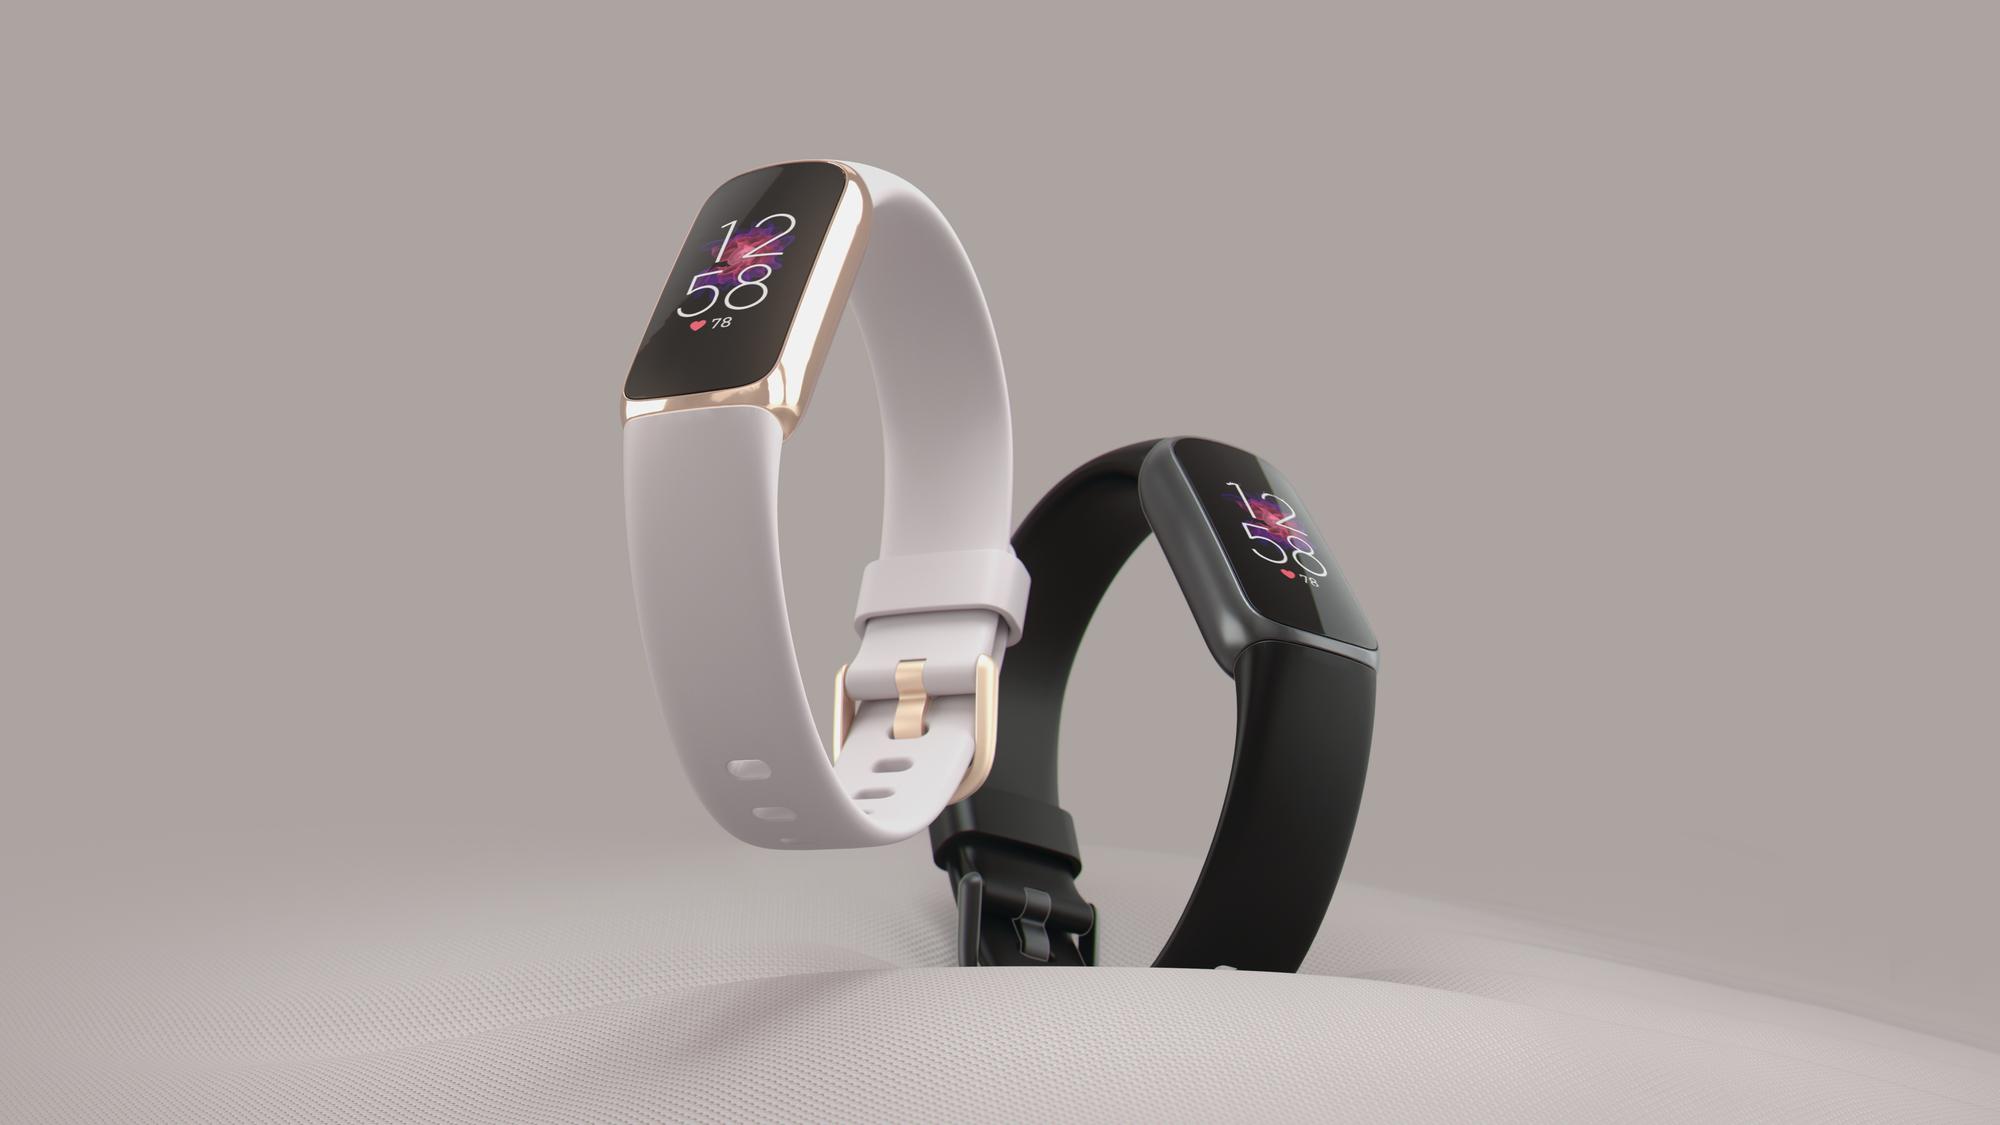 Chytrý náramek Fitbit Luxe přichází na český trh [aktualizováno]